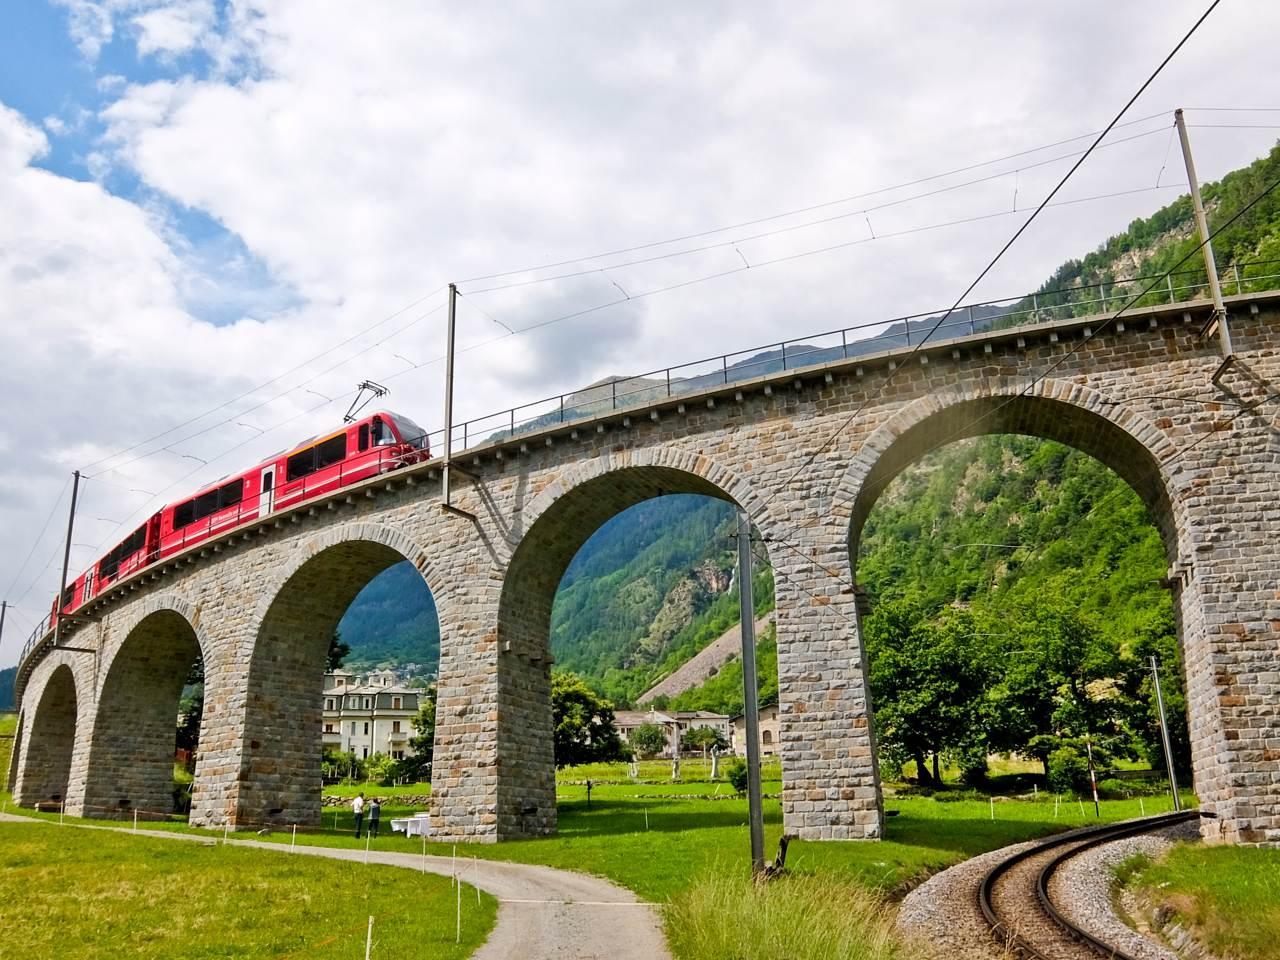 Brusio Circular Viaduct  Over the Alps via Gotthard Bernina Circular Tour on the Bernina Express Brusio Circular Viaduct